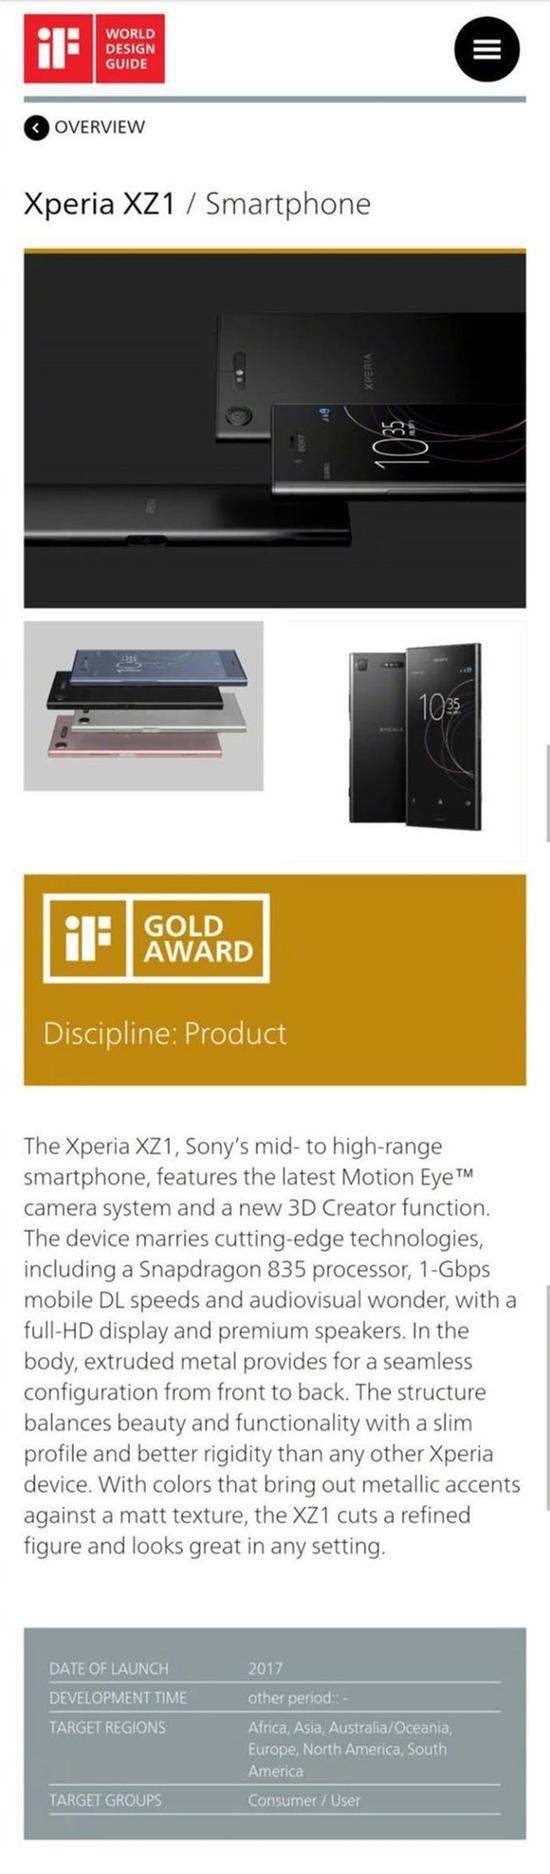 索尼XZ1获iF金奖:今年唯一获金奖的手机